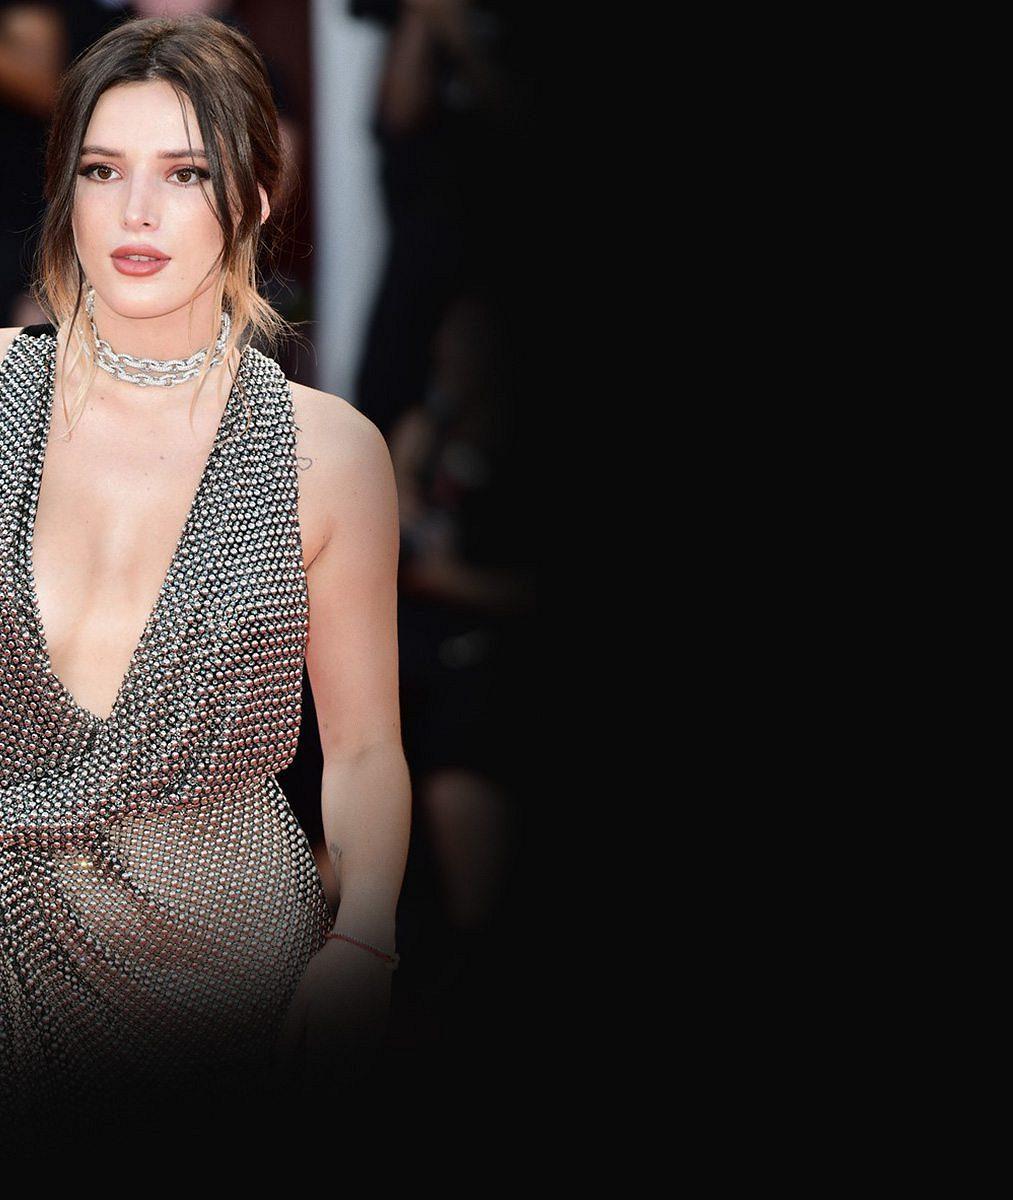 Už zase randí sholkou aklukem zároveň: Pansexuální herečka sdílela skoro nahé snímky snovou láskou